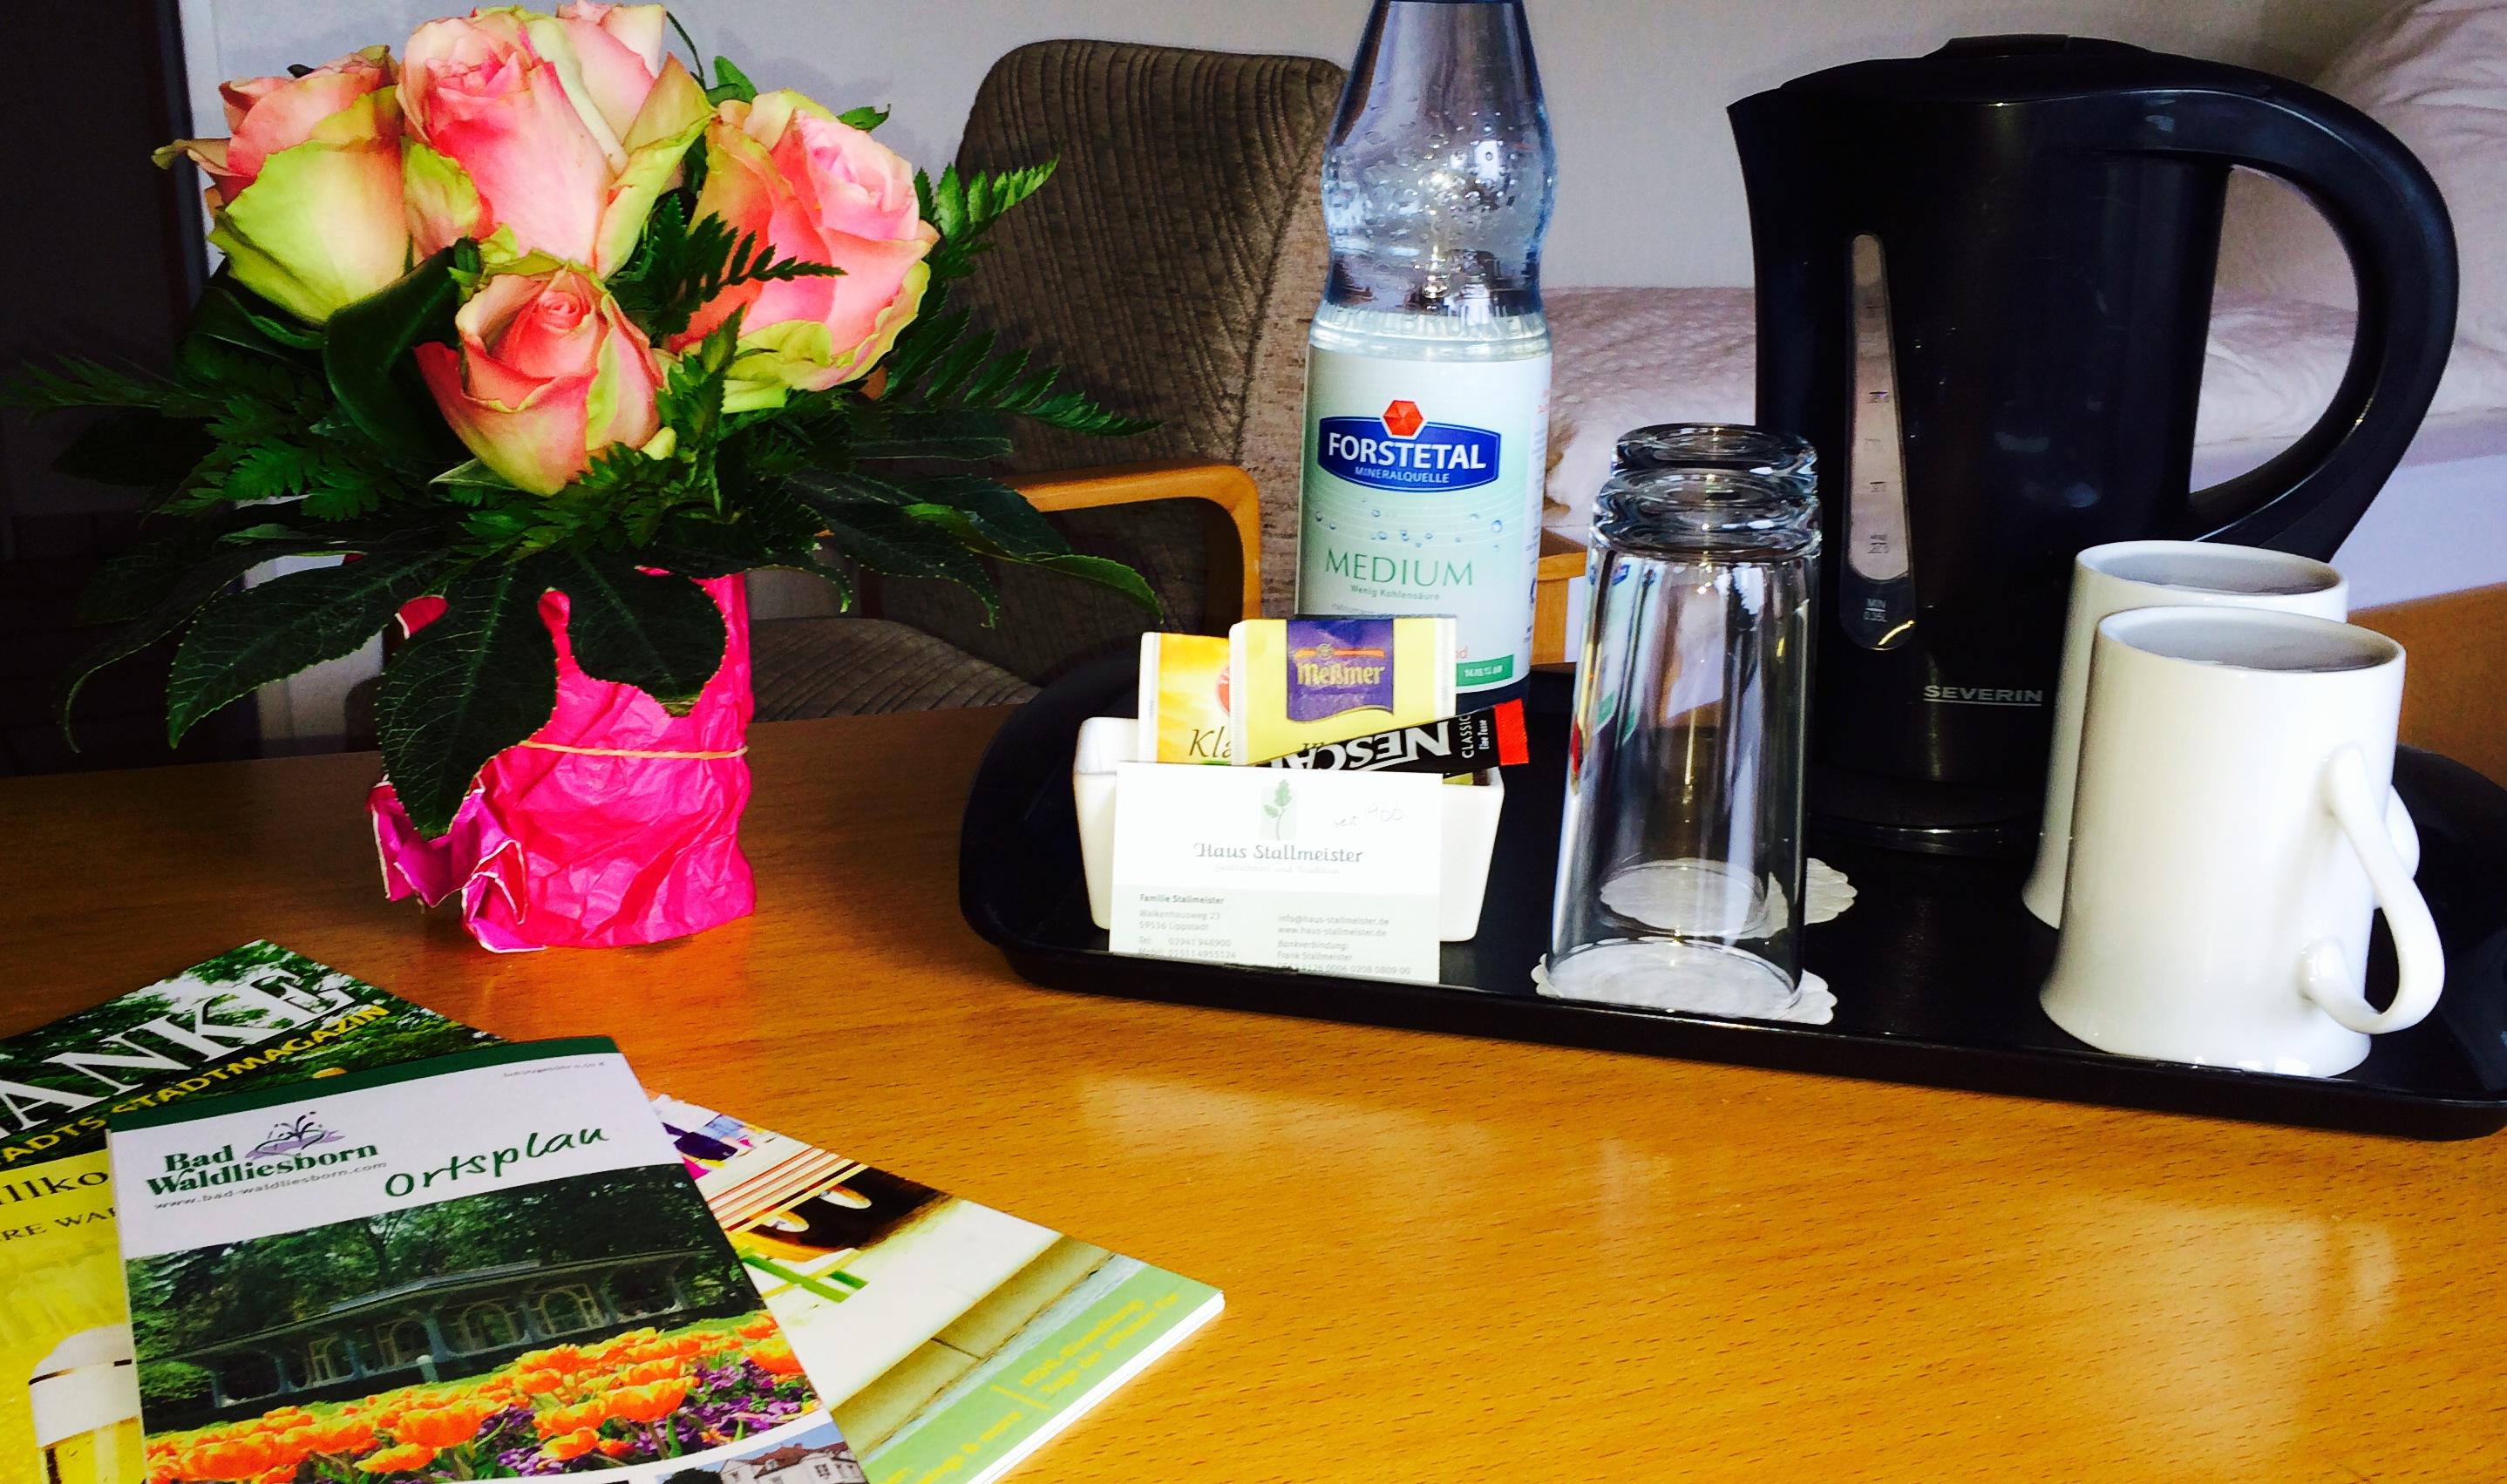 Wasserkocher, Flasche Wasser, Tee, Kaffee im Hotelzimmer vom Haus Stallmeister